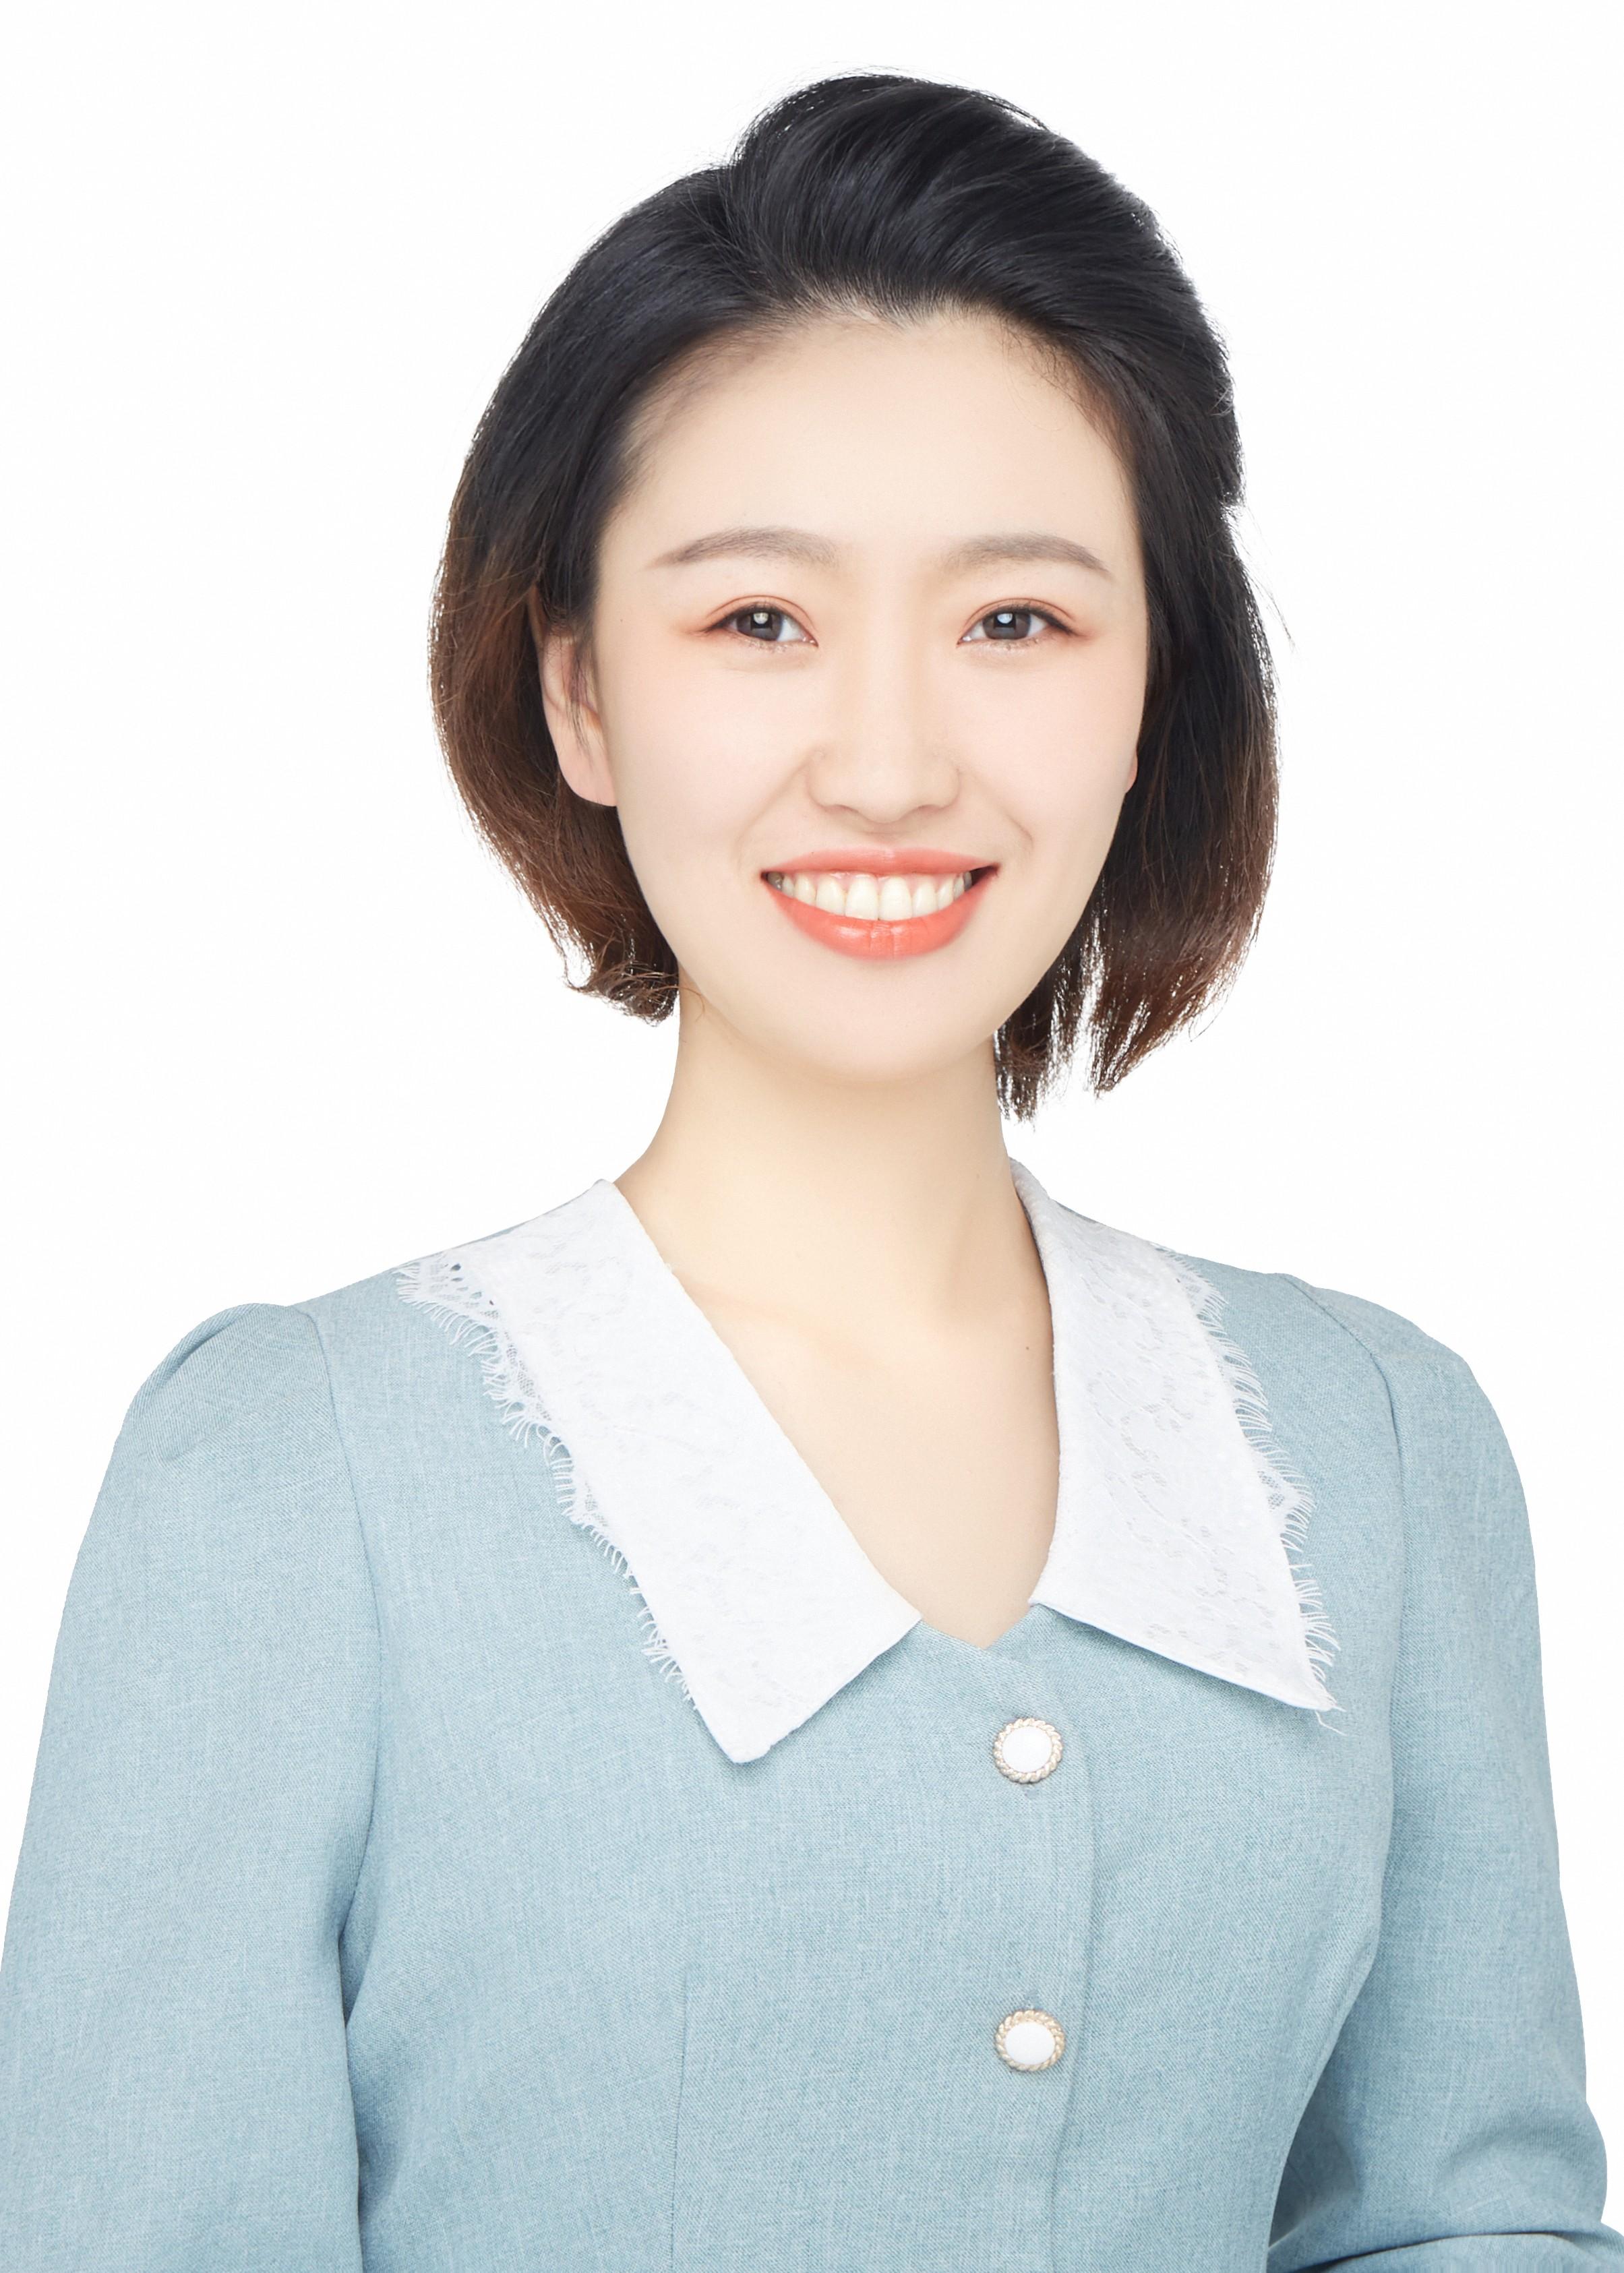 MS. Zoe Gu